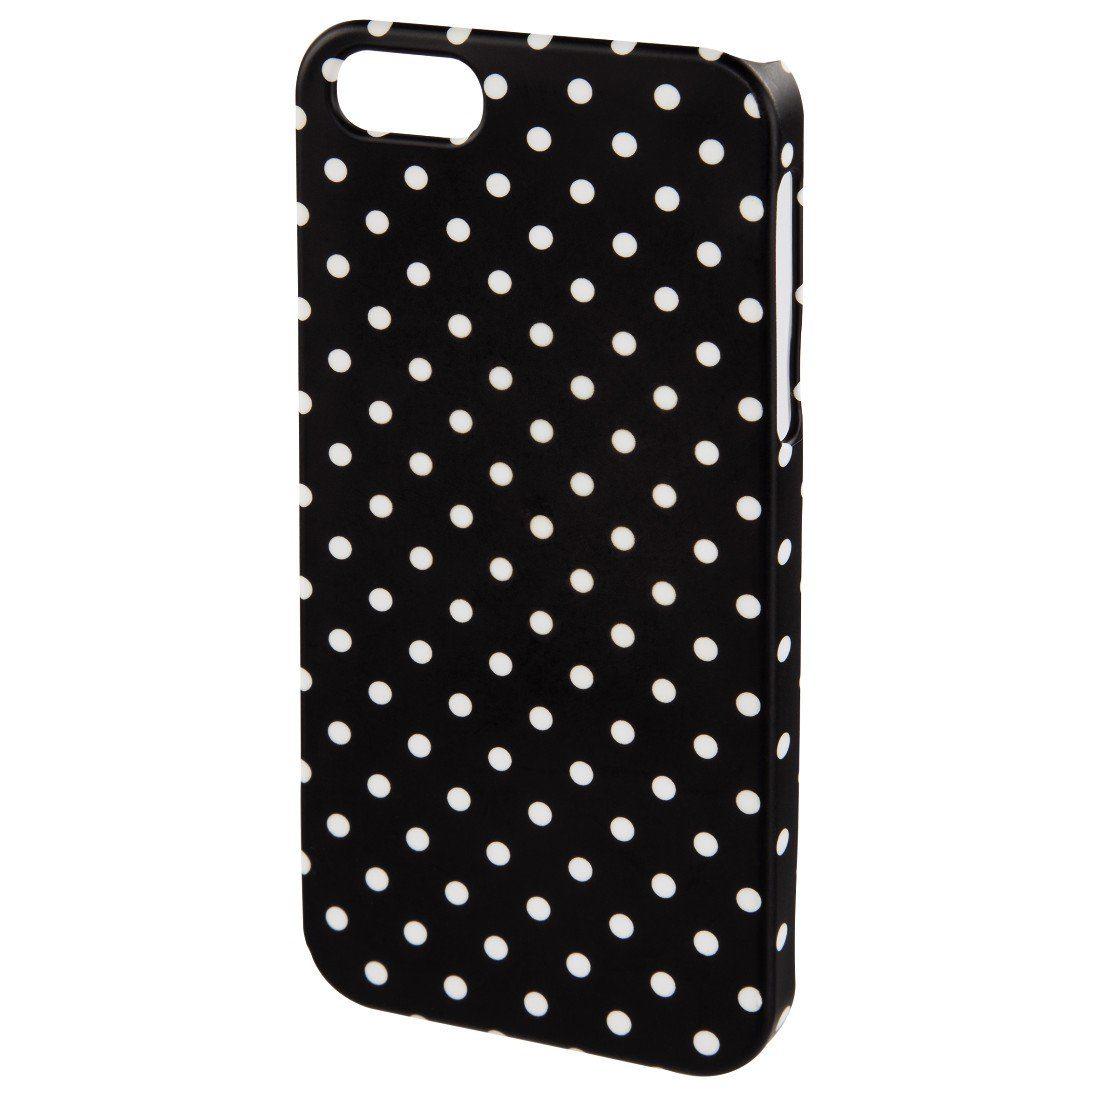 Hama Cover Polka Dots für Apple iPhone 4S, Schwarz/Weiß